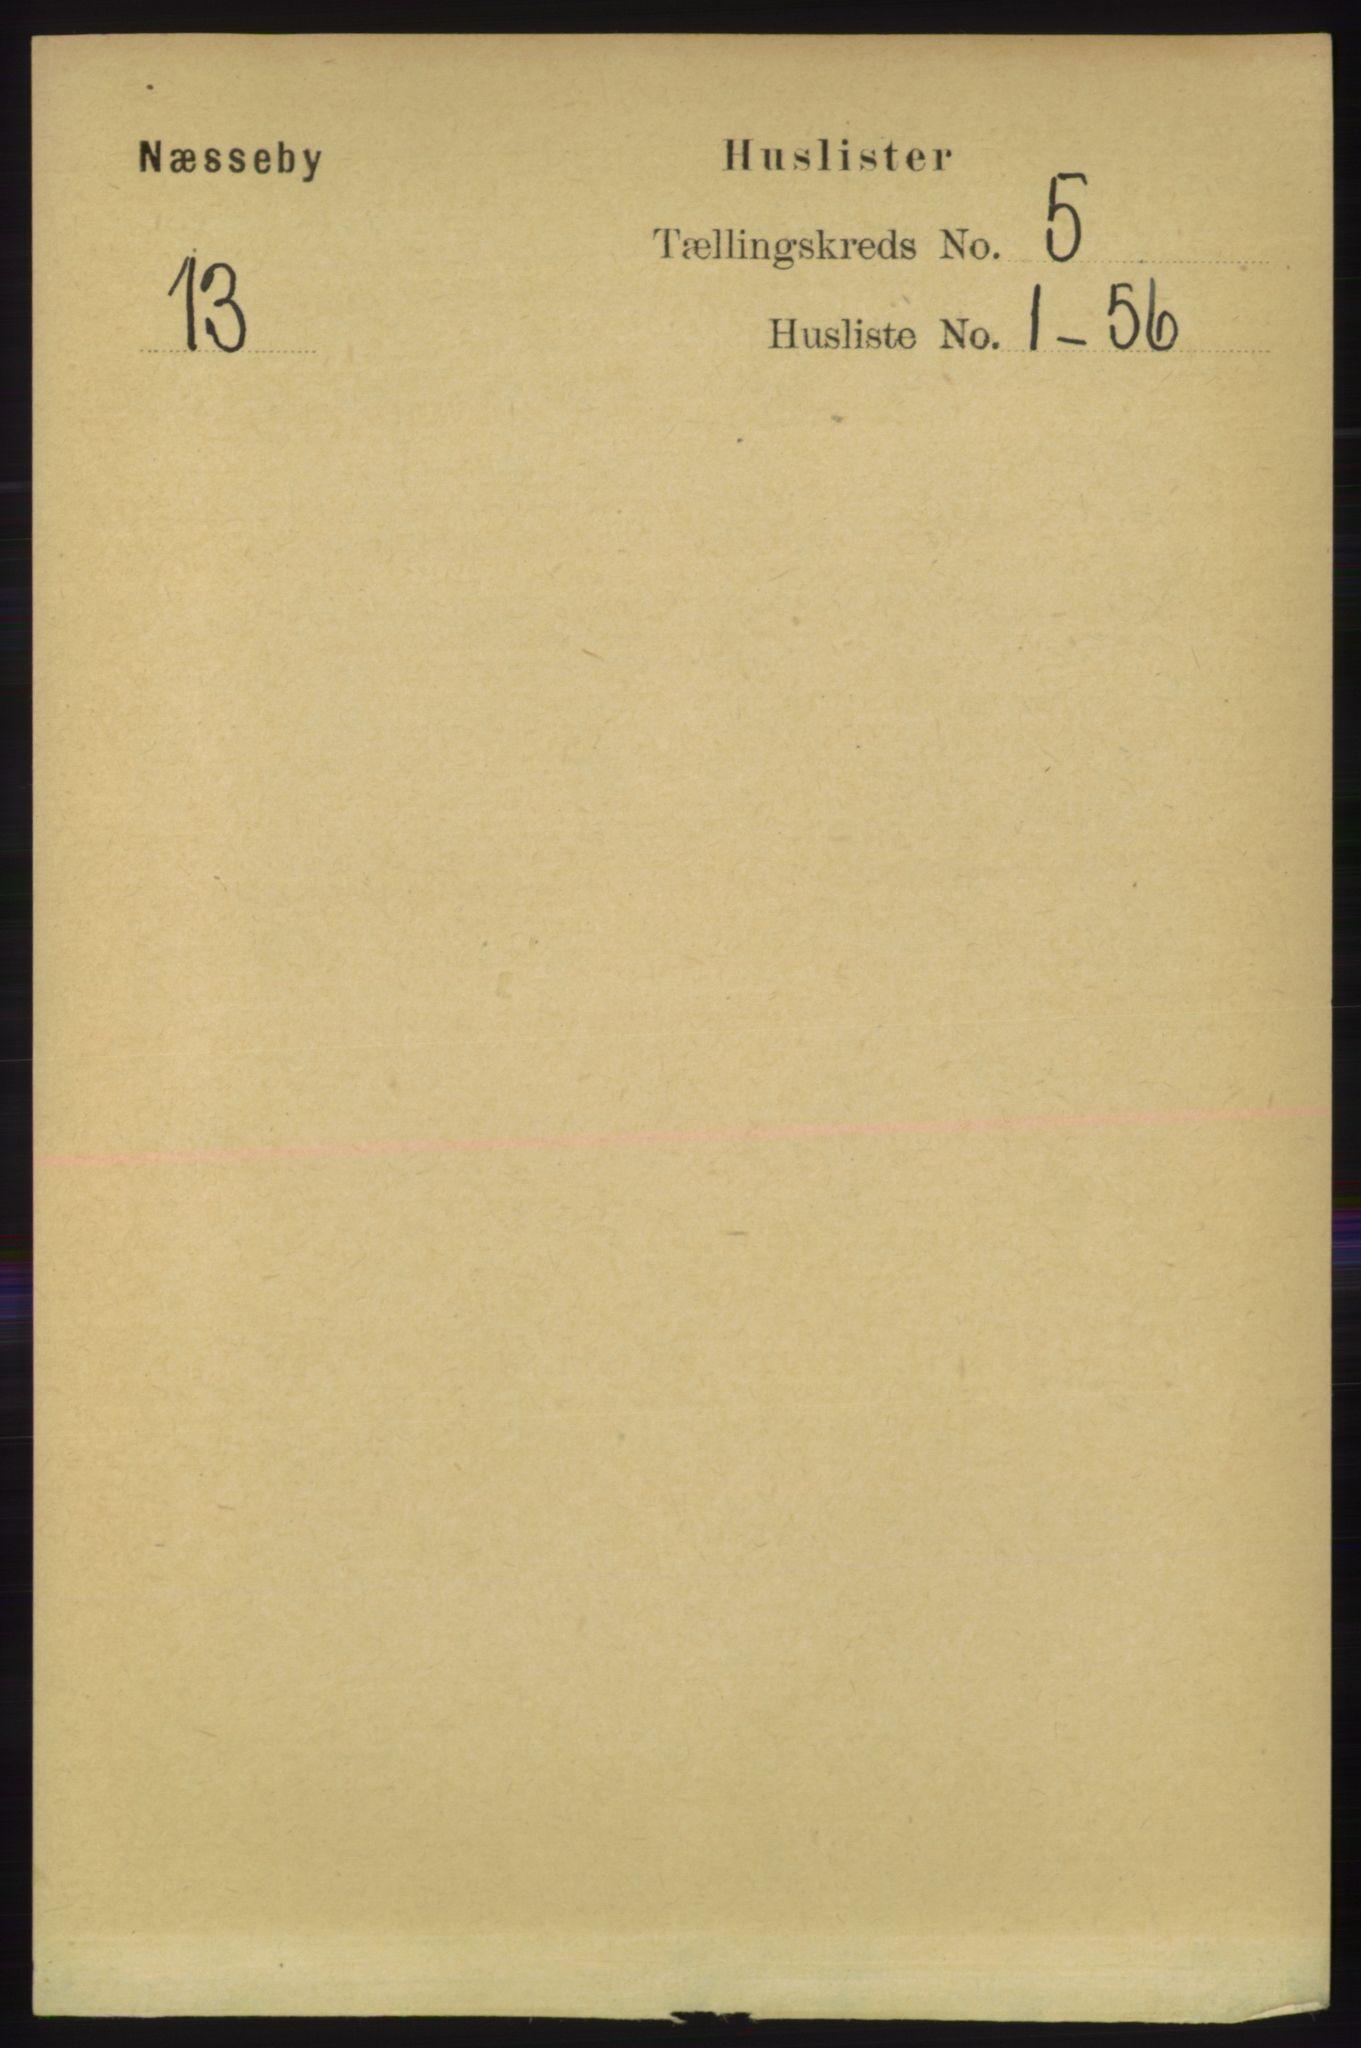 RA, Folketelling 1891 for 2027 Nesseby herred, 1891, s. 1396